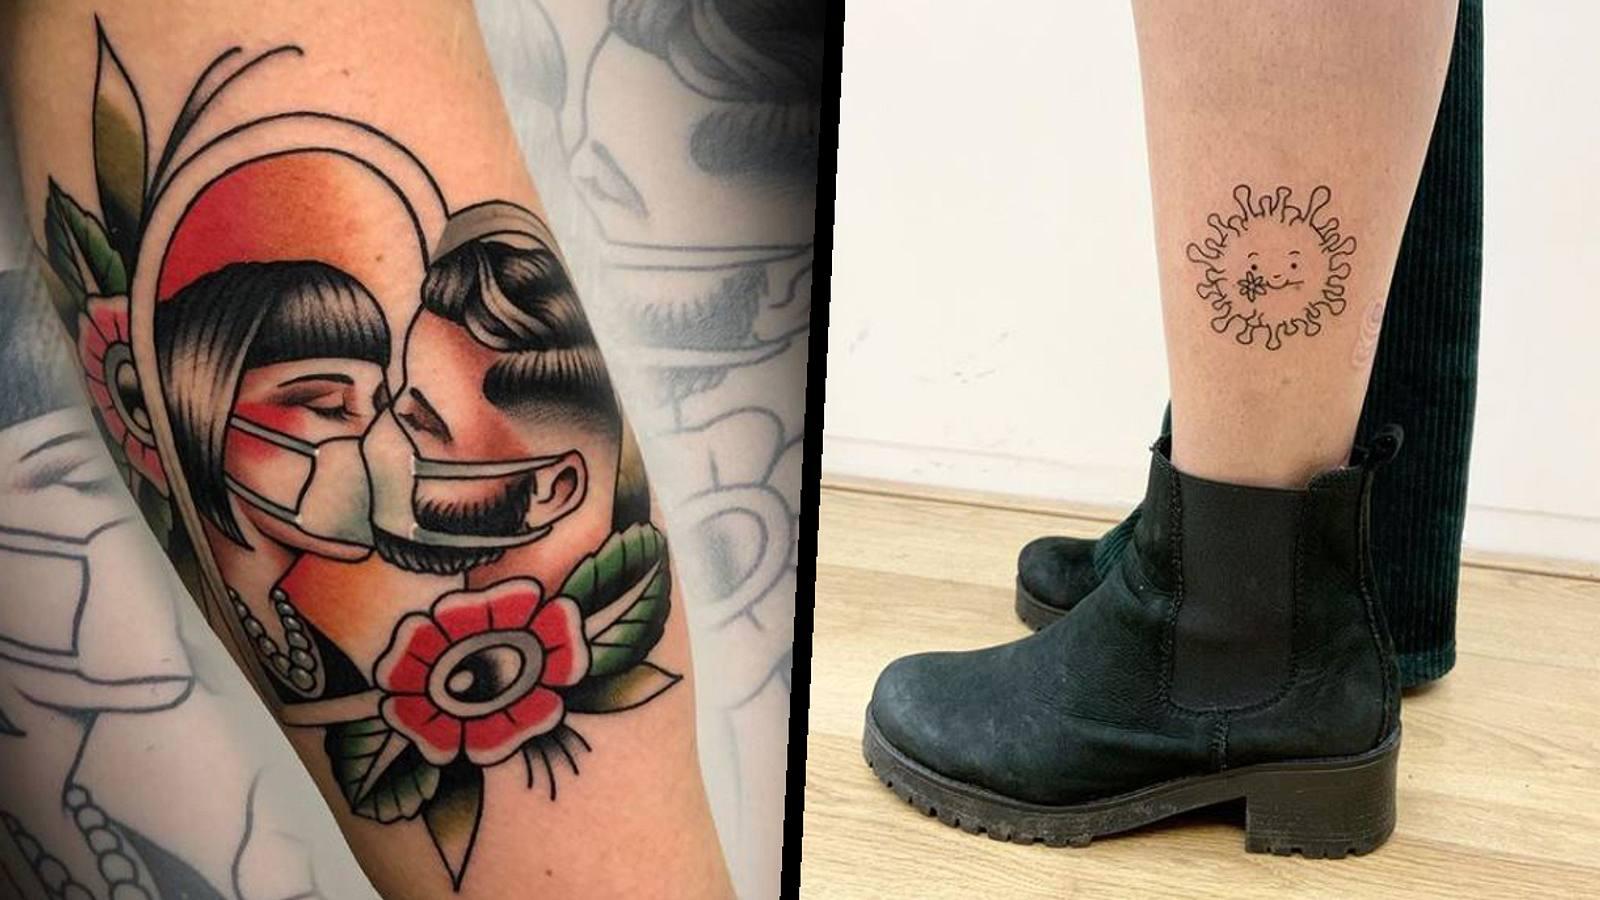 Corona: Irrer Covid-Tattootrend geht um die Welt